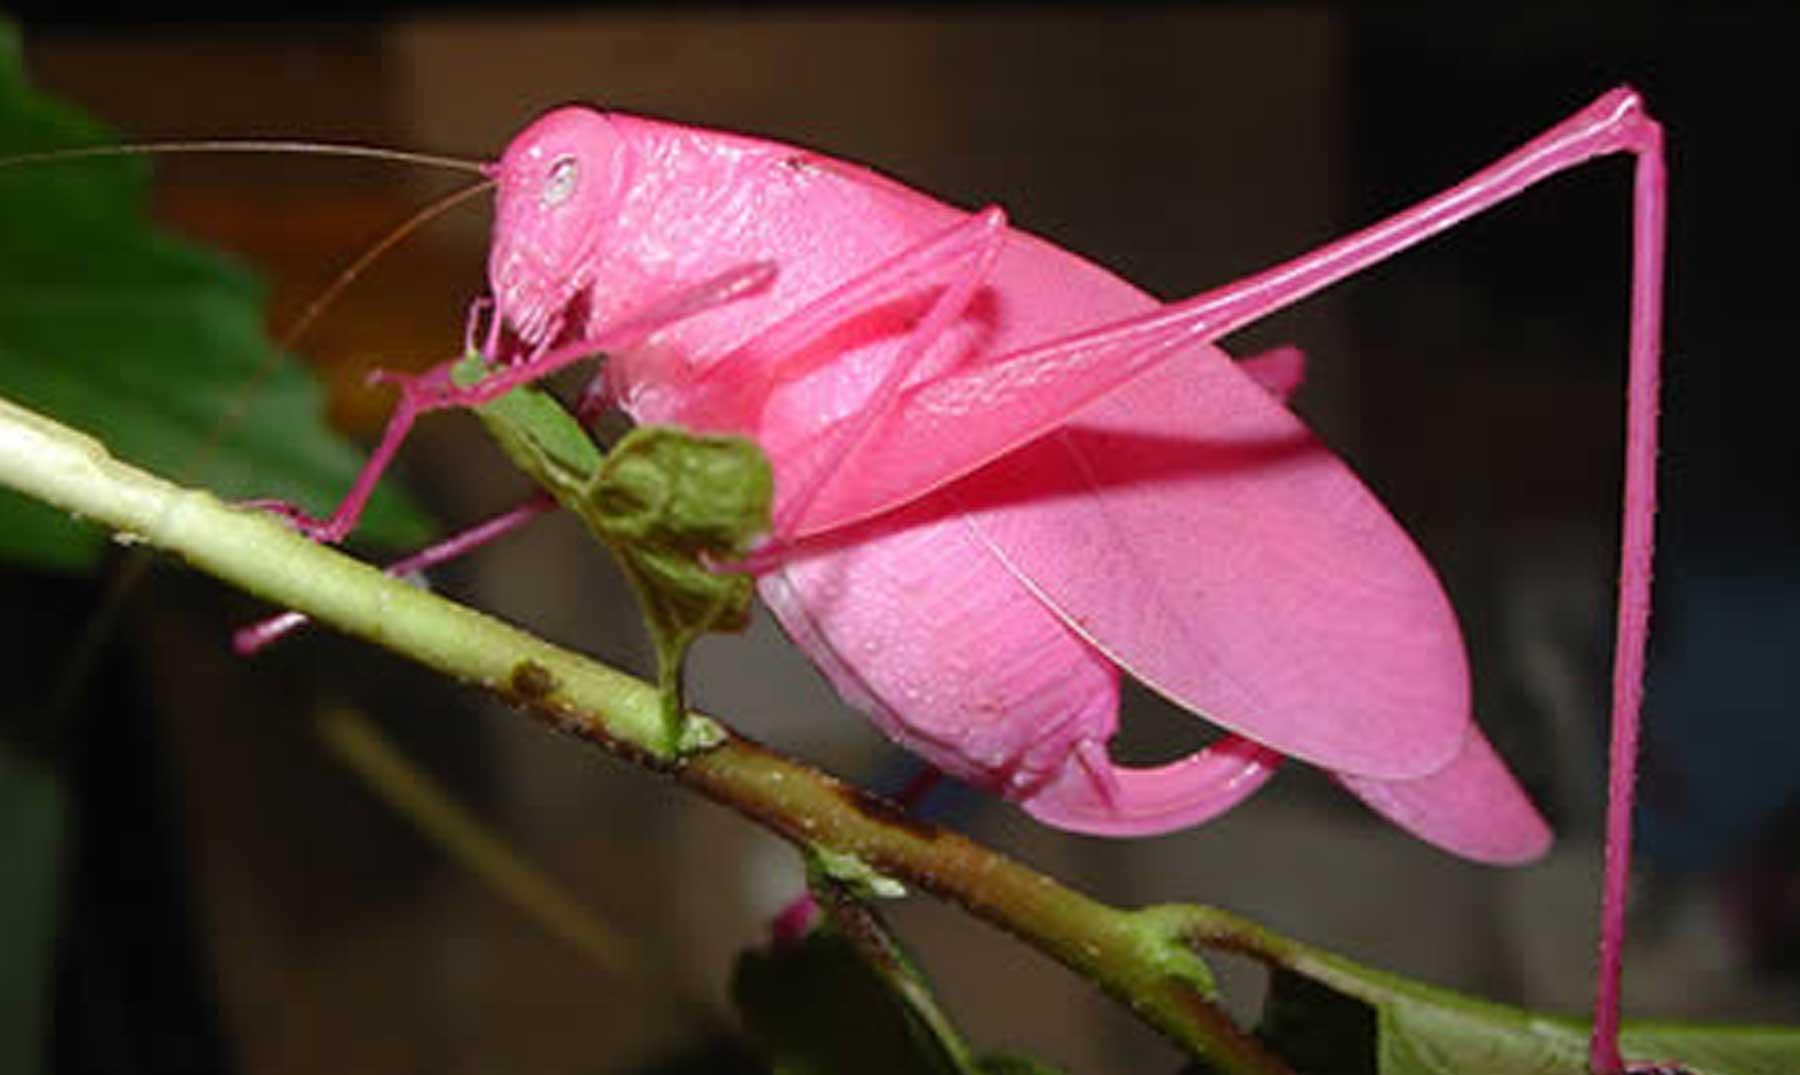 Las 10 especies más espectaculares descubiertas esta década